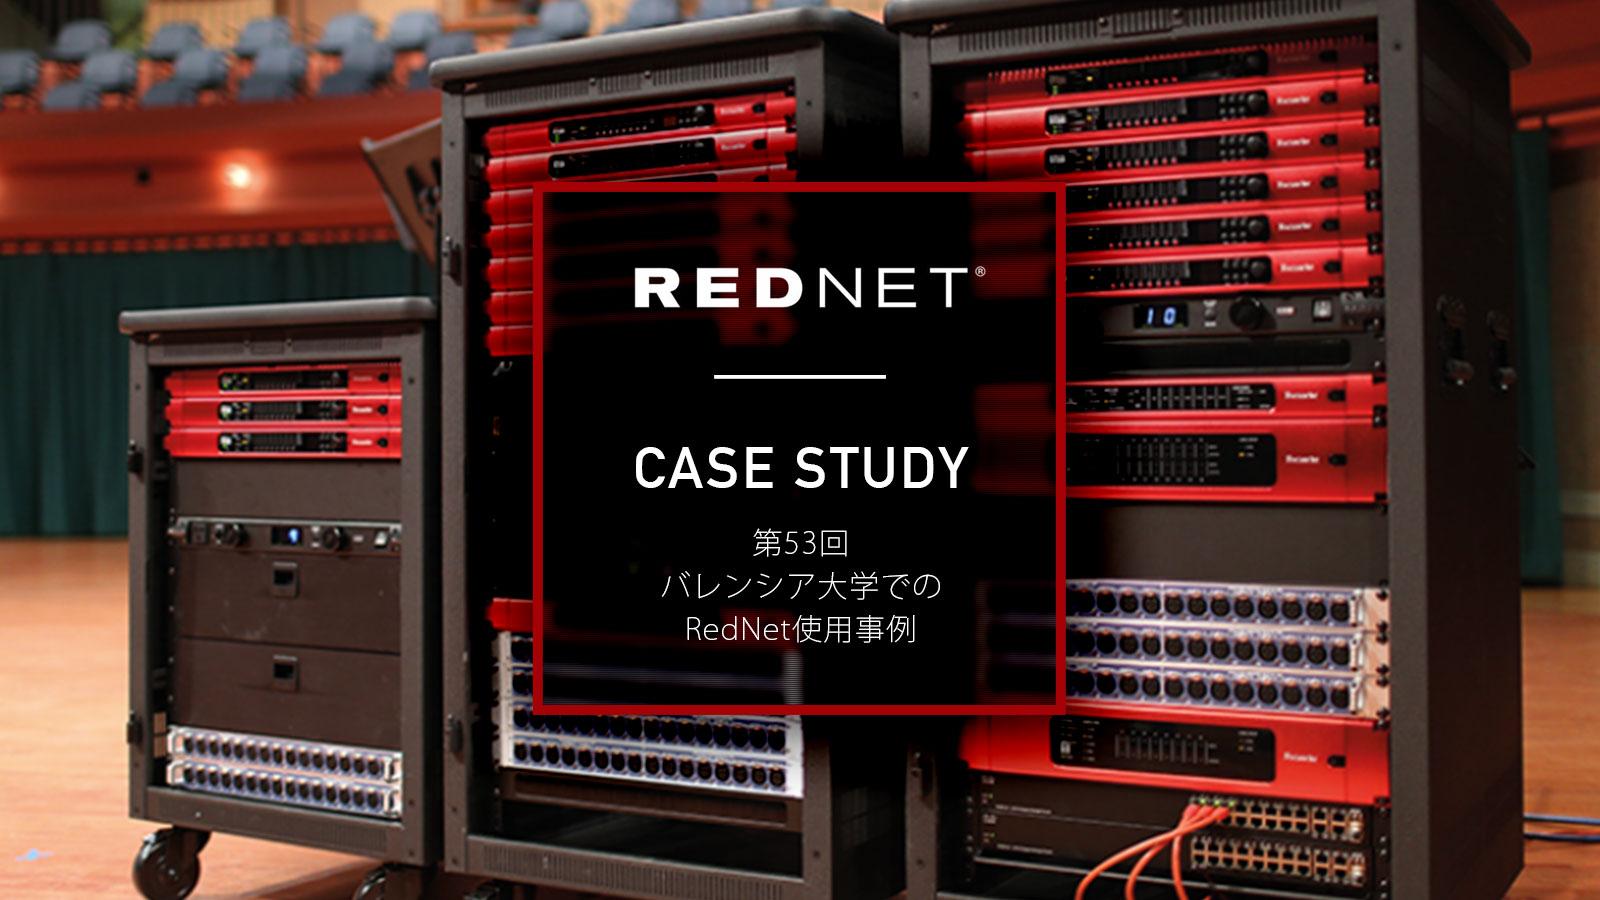 第53回 バレンシア大学でのRedNet使用事例